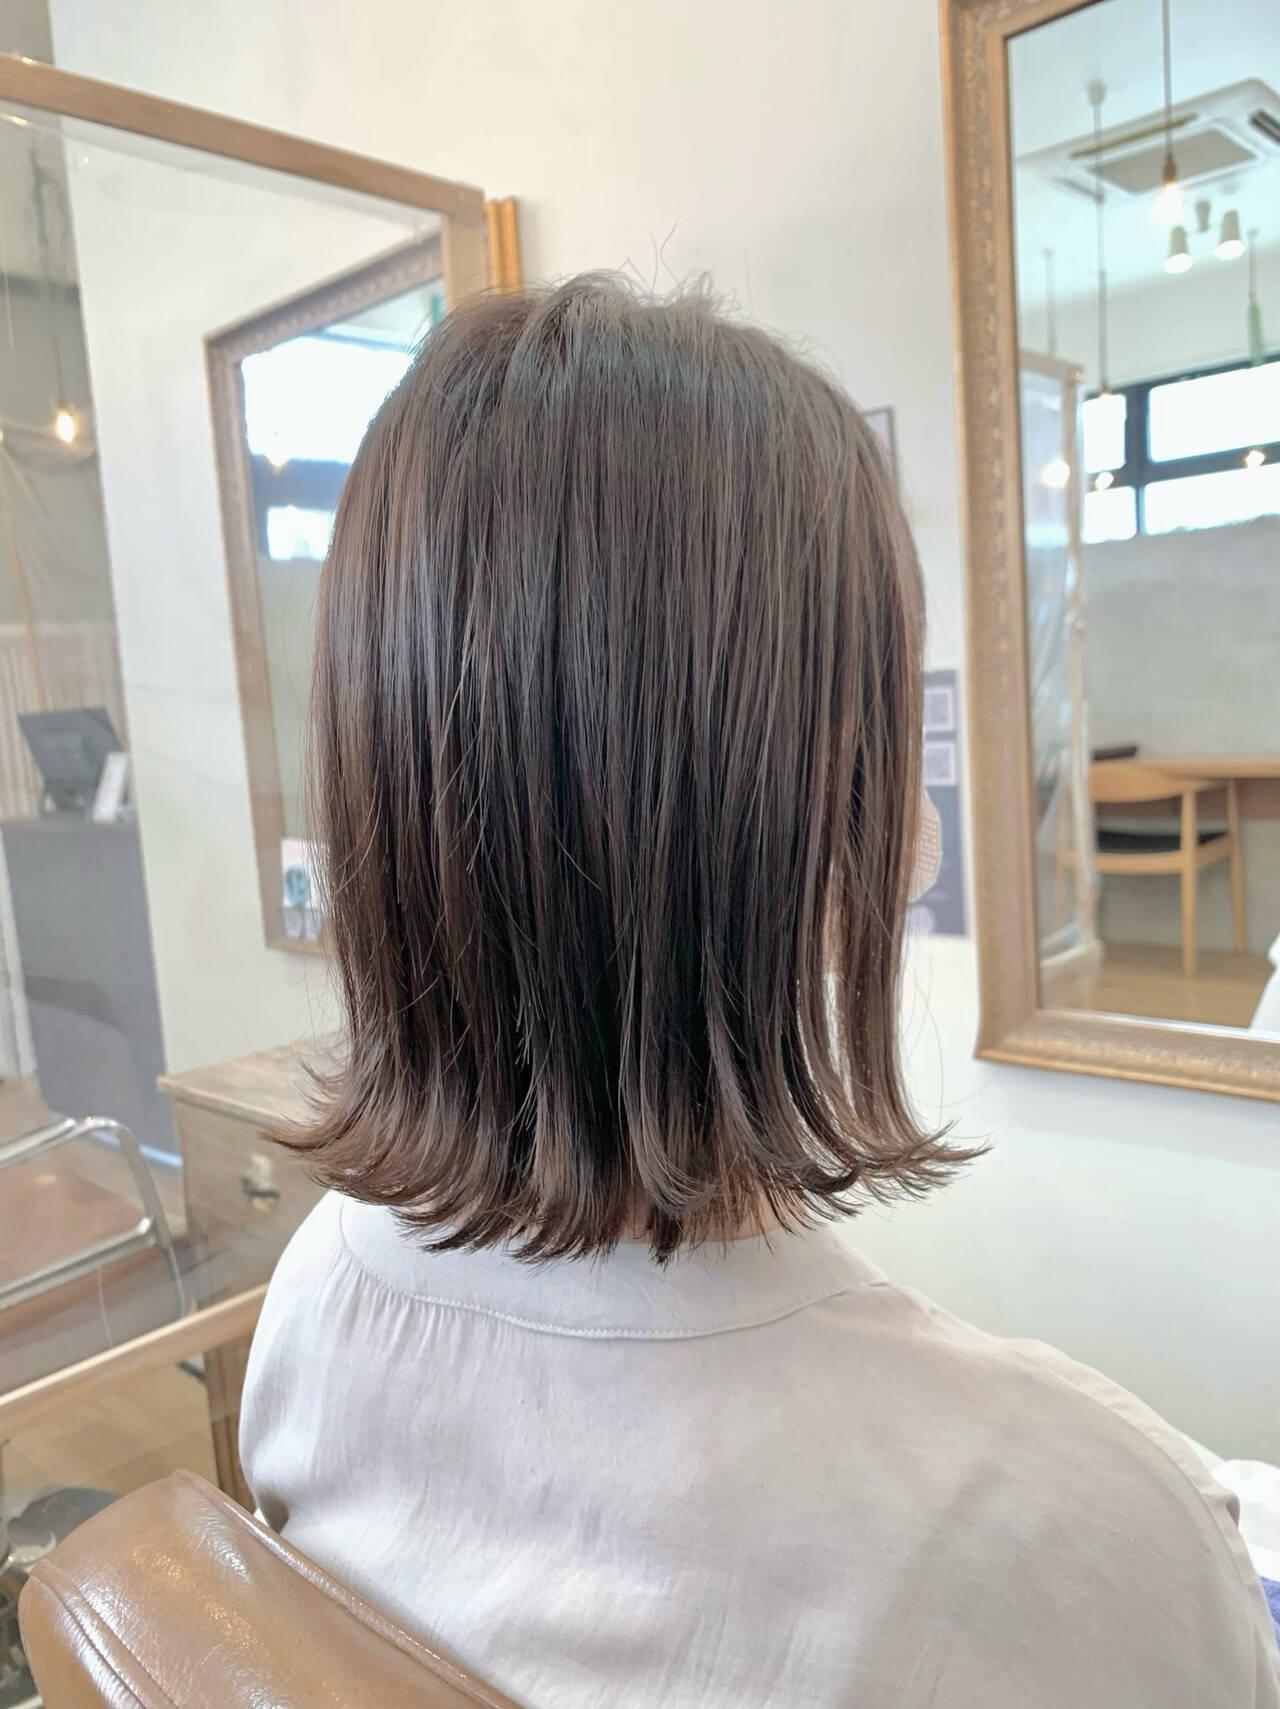 ミディアム 切りっぱなし ヘアオイル イルミナカラーヘアスタイルや髪型の写真・画像